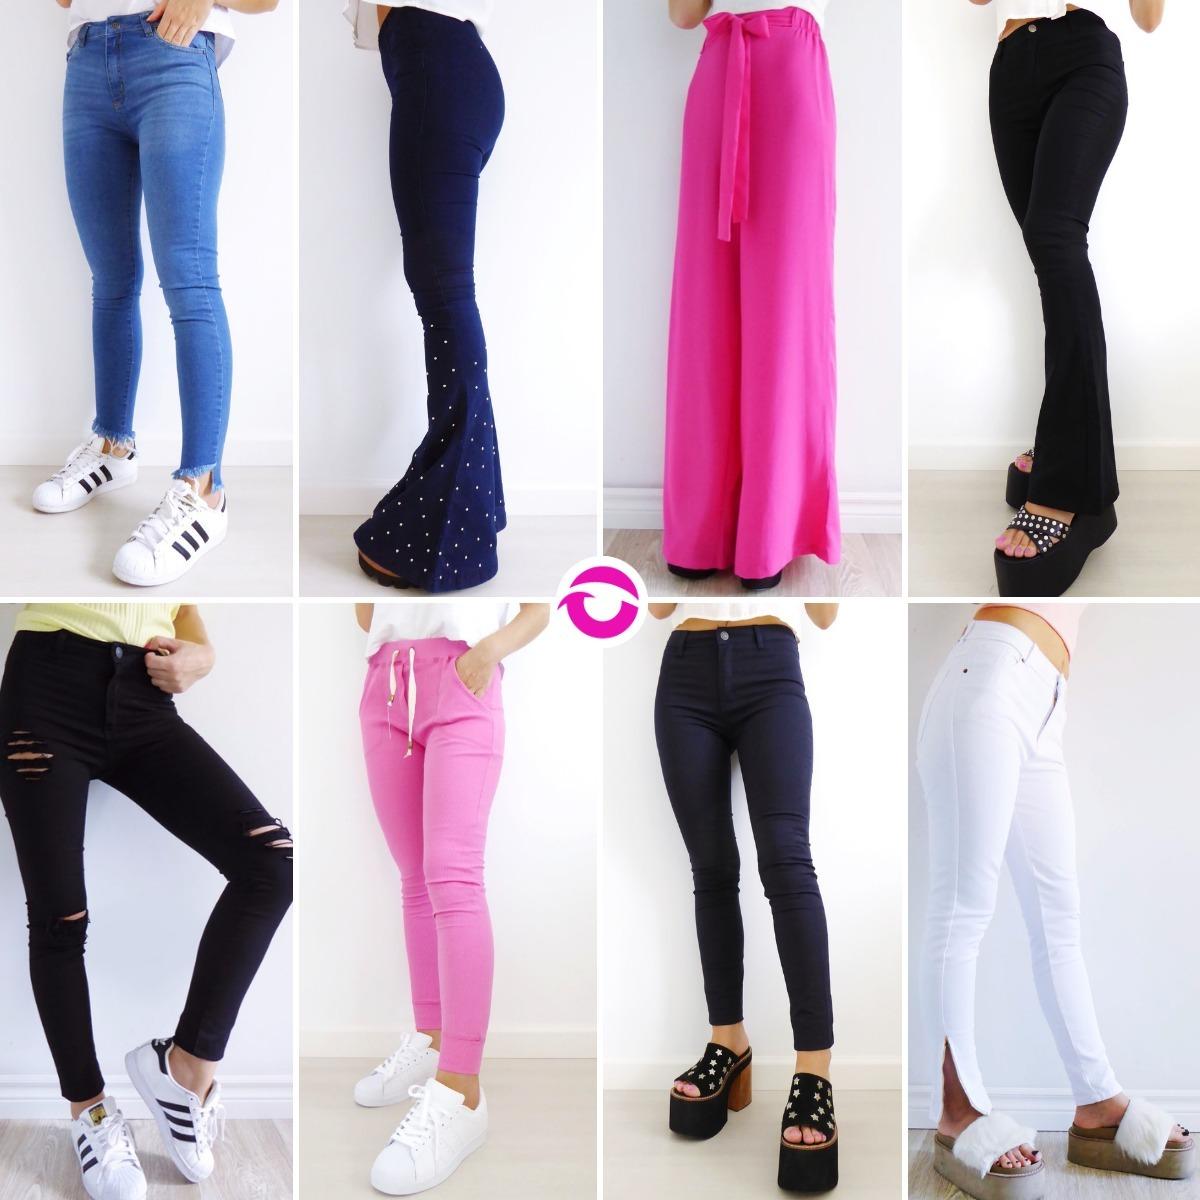 d4246e894a jeans pantalones mujer ropa femenina por mayor catalogo. Cargando zoom.